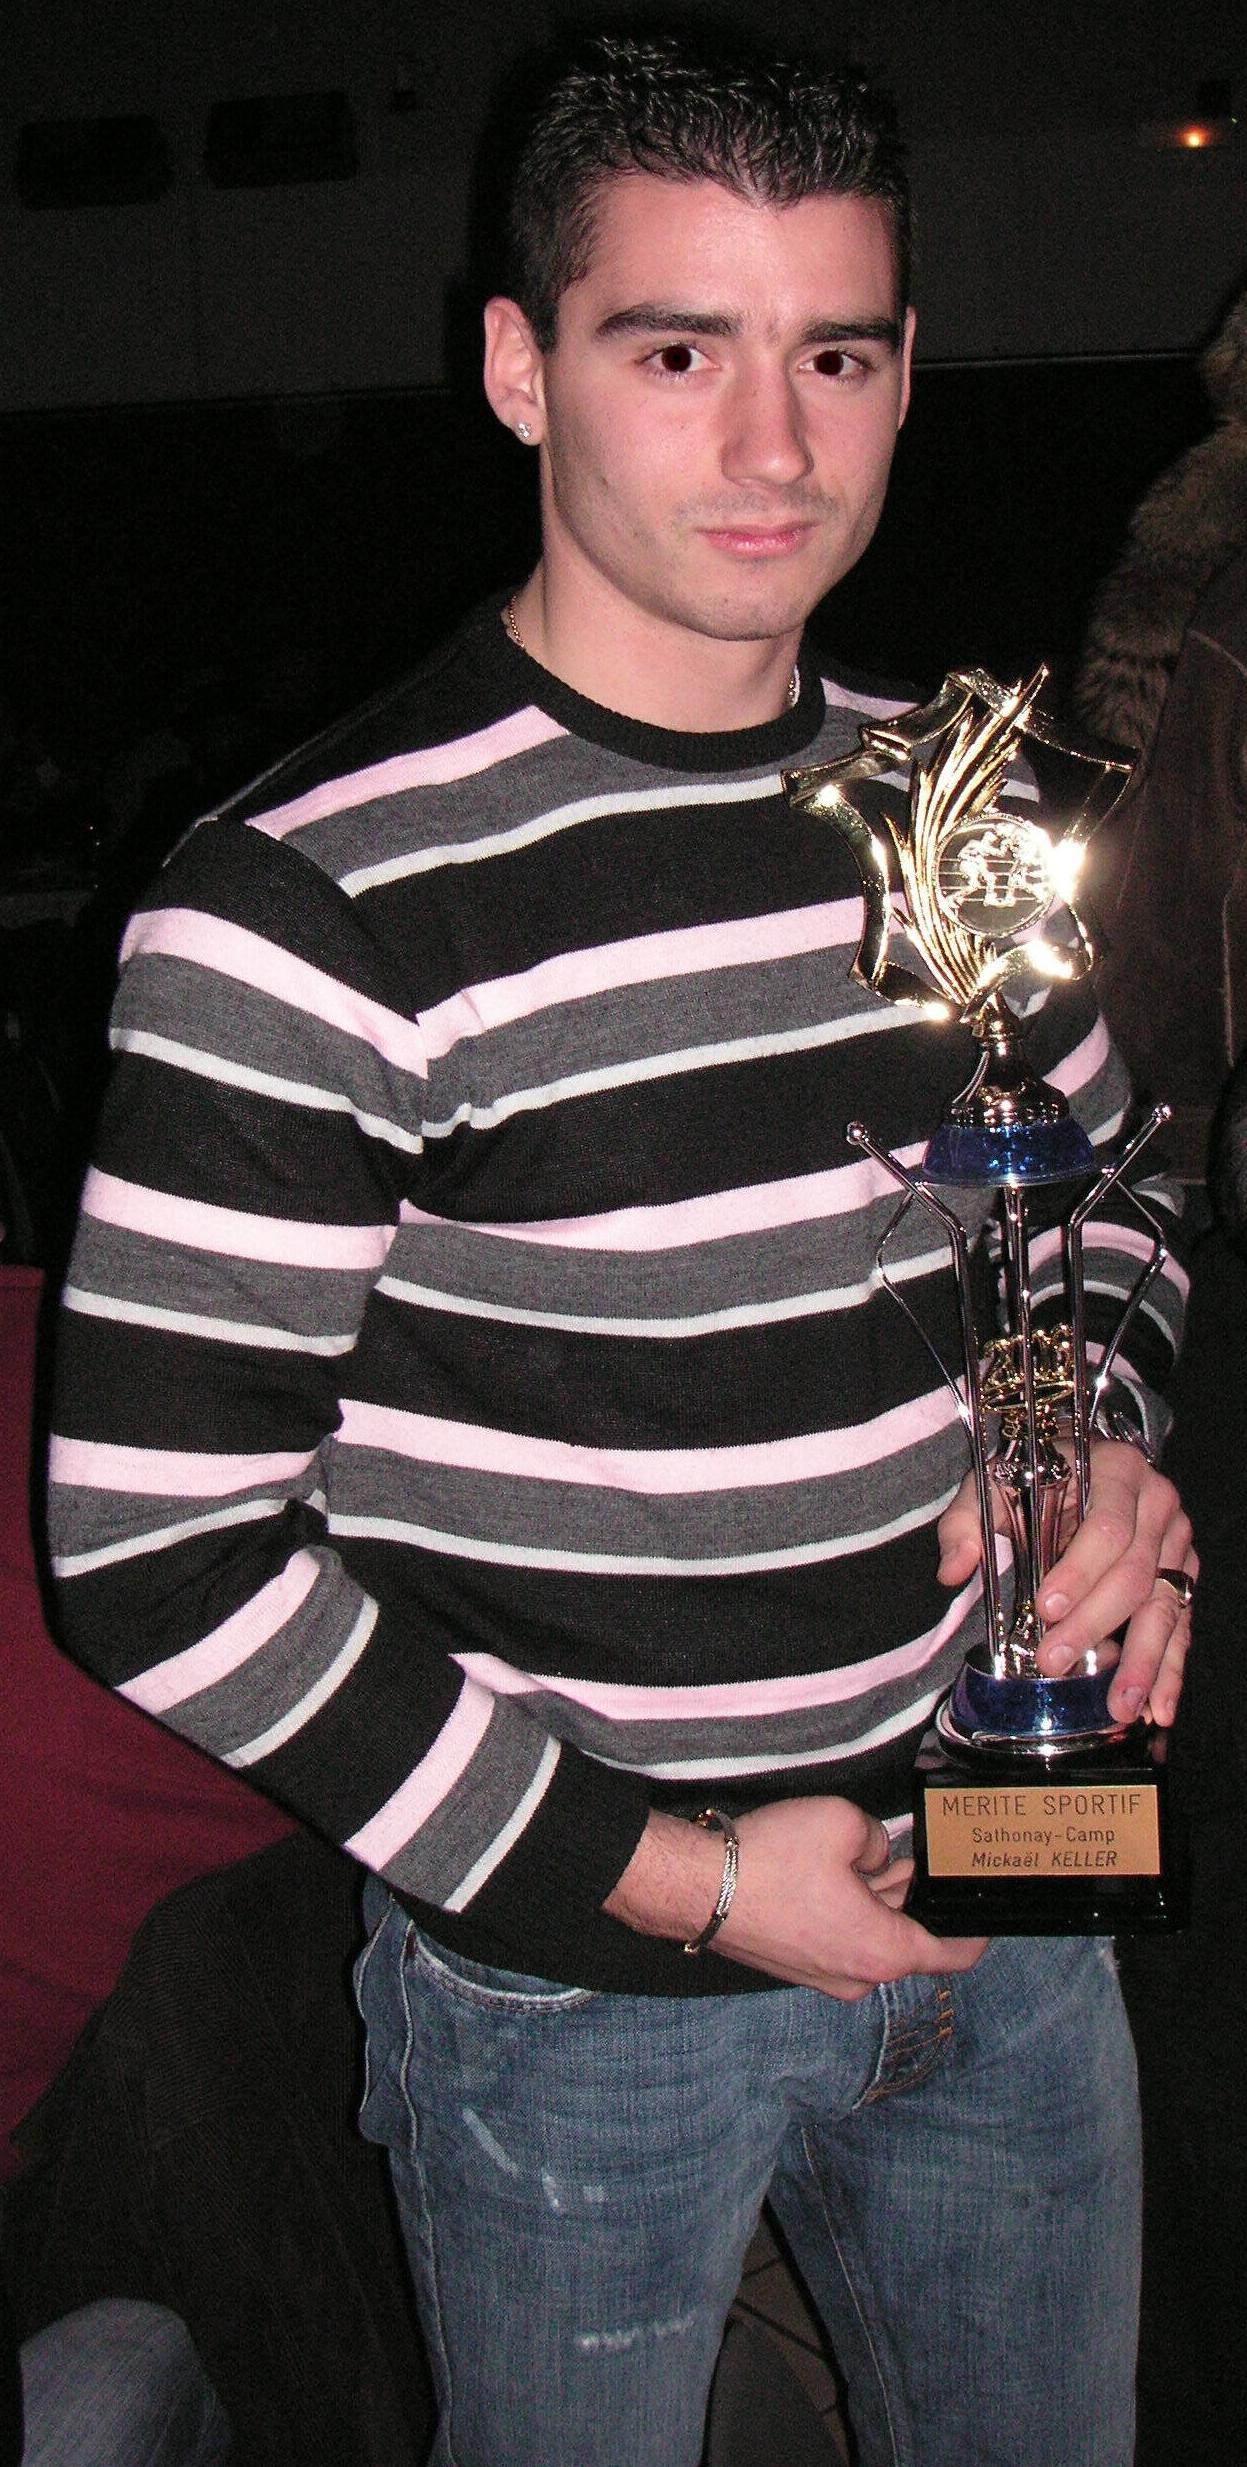 Mikaël KELLER